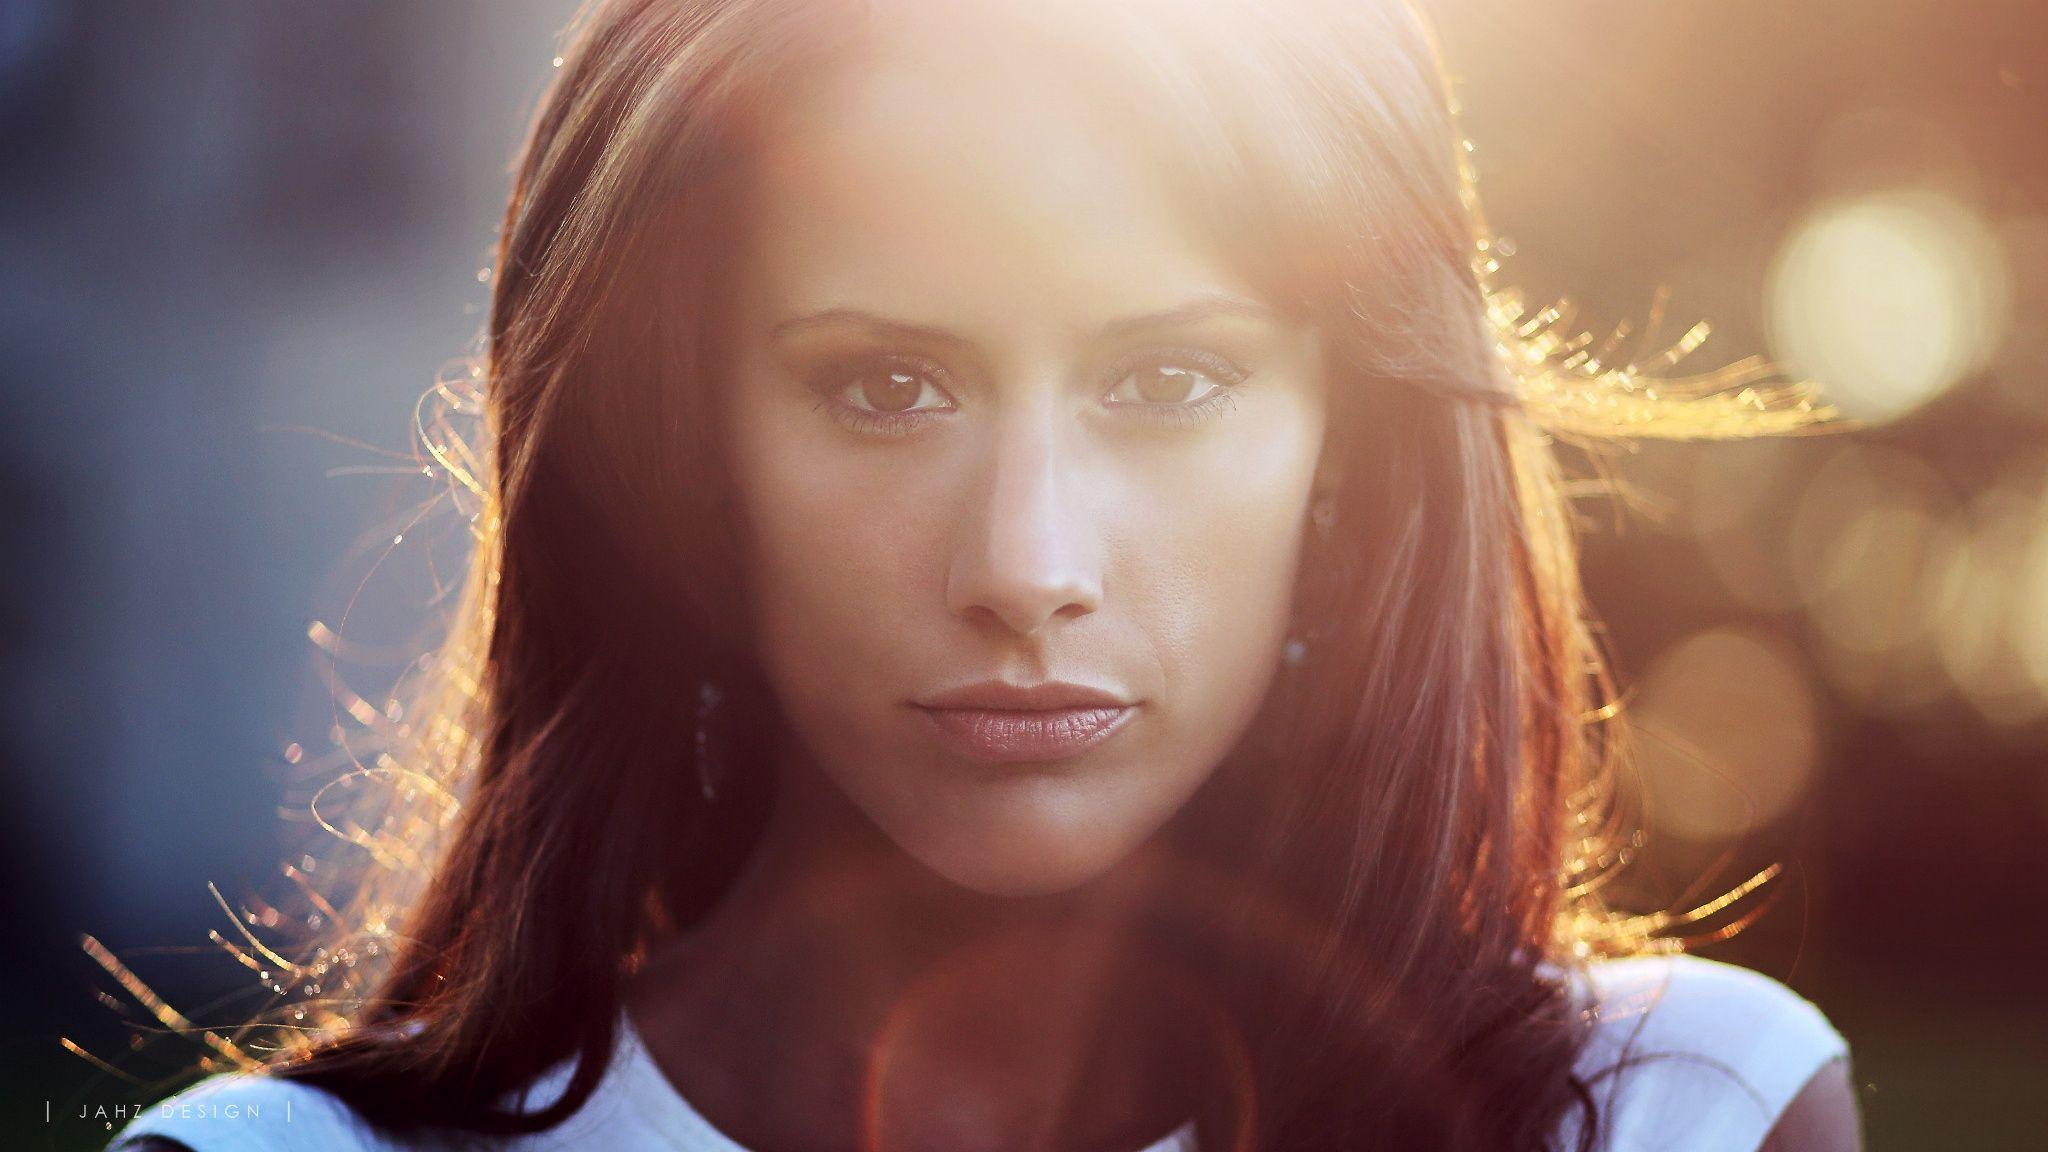 Caroline #4 - www.jahzdesign.com Model: Caroline